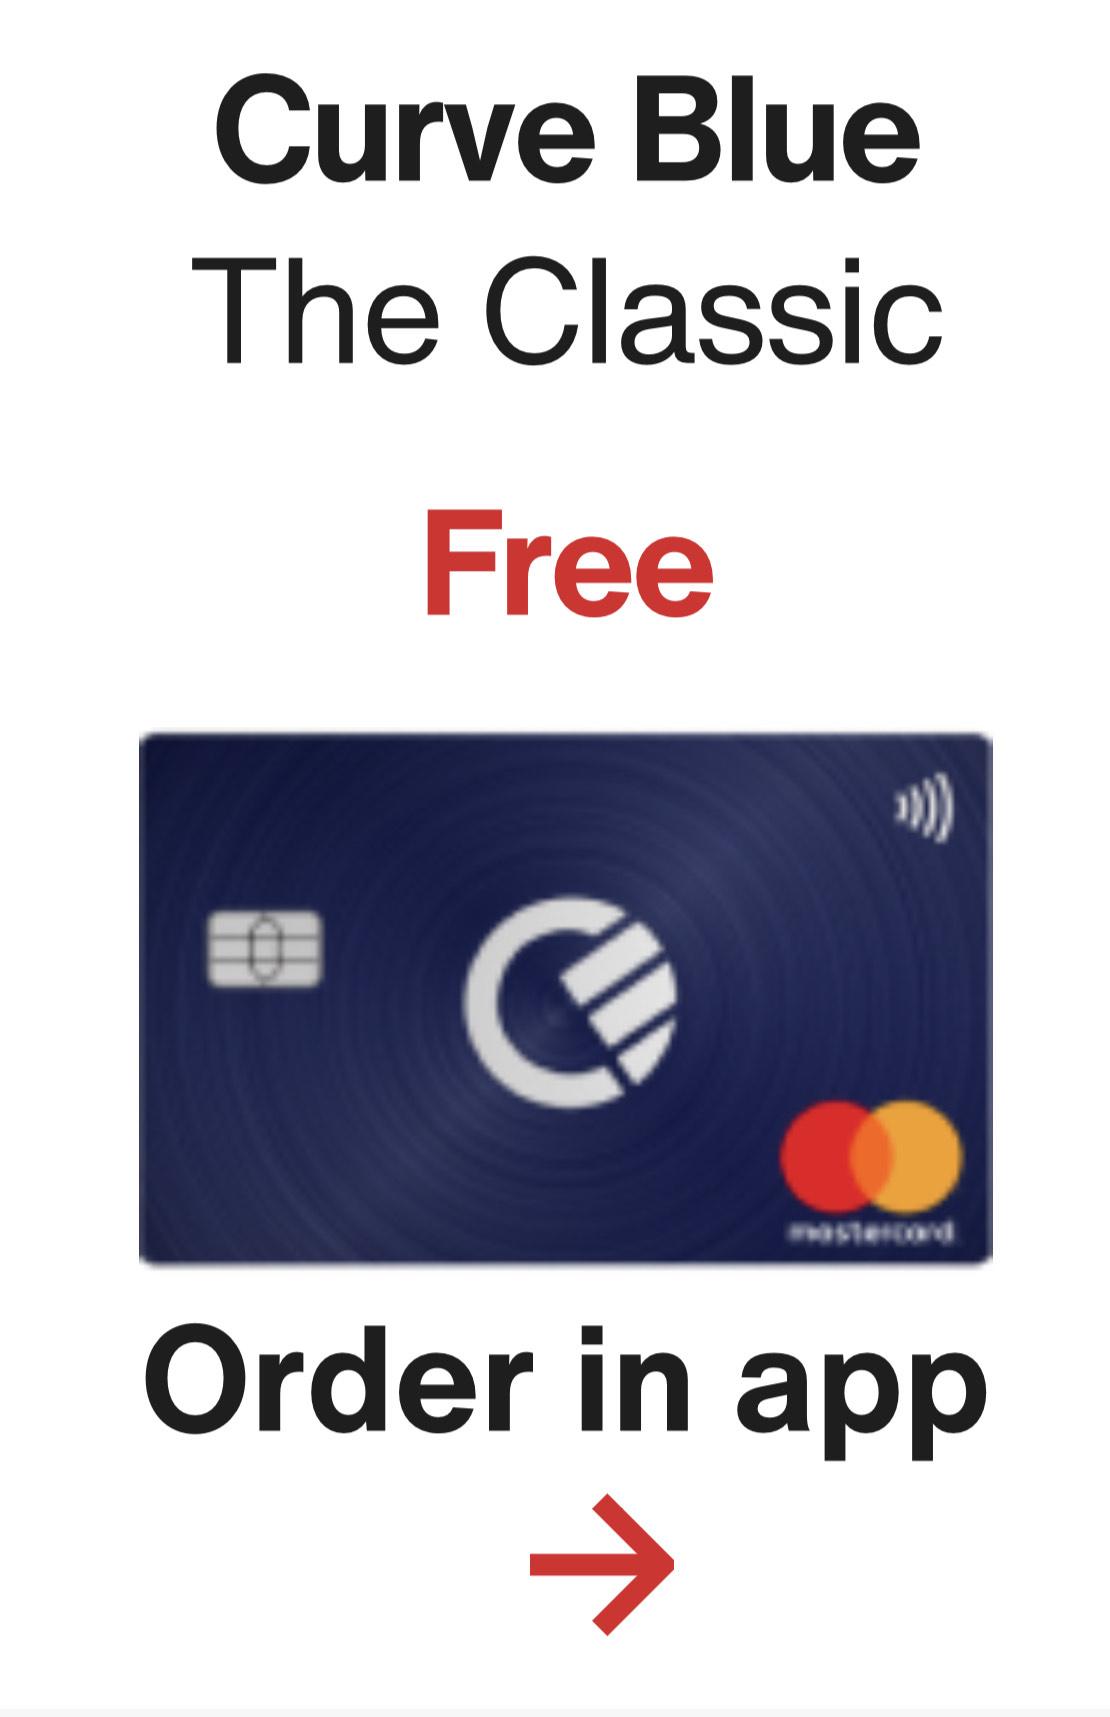 Gratis MasterCard Curve: 1% cashback 90 dagen bij favoriete winkels